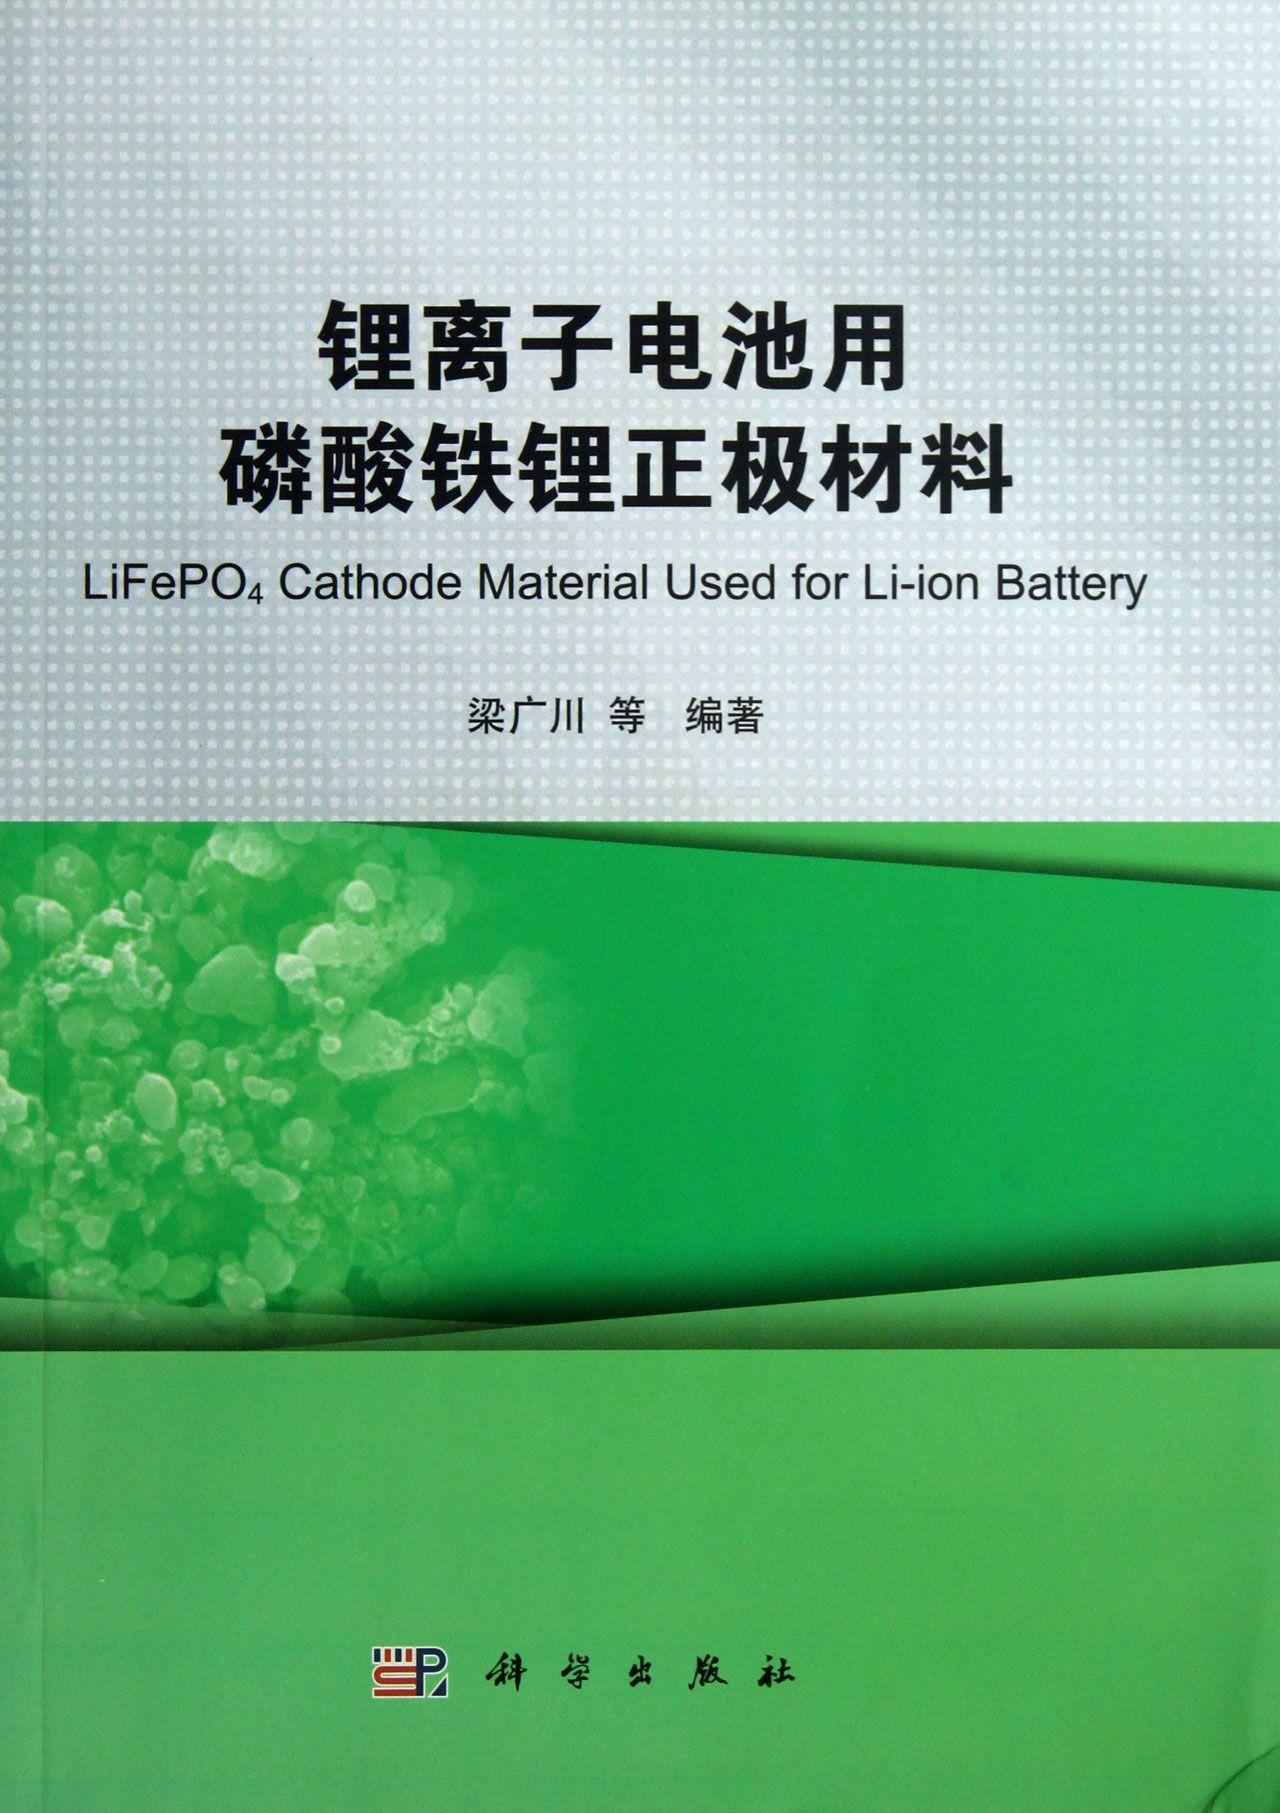 锂离子电池用磷酸铁锂正极材料